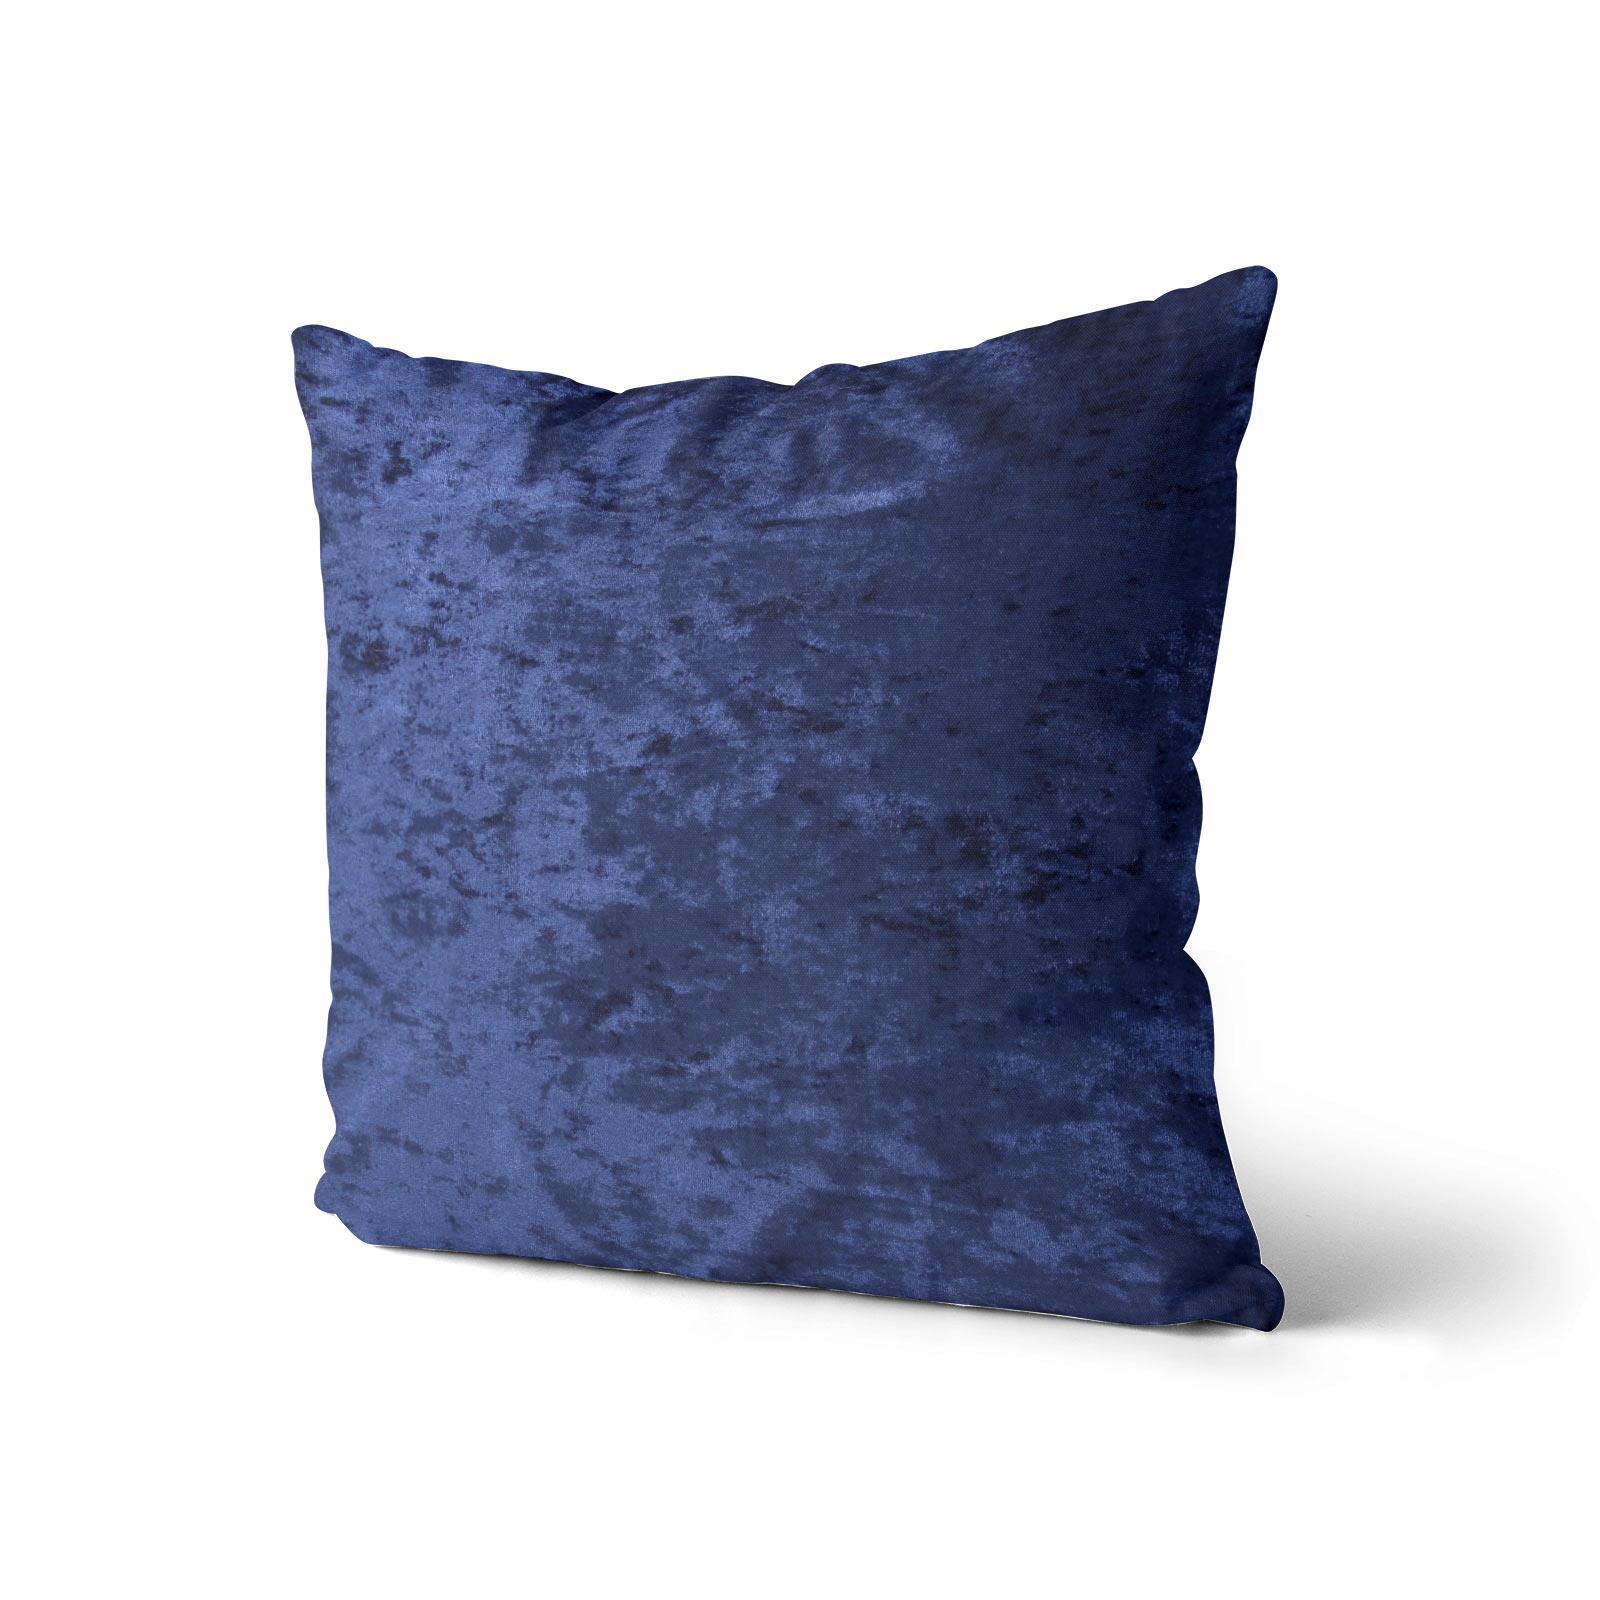 Cuscino-di-velluto-schiacciato-copre-GLAM-Tinta-Unita-Copricuscino-18-034-x-18-034-45cm-x-45cm miniatura 23